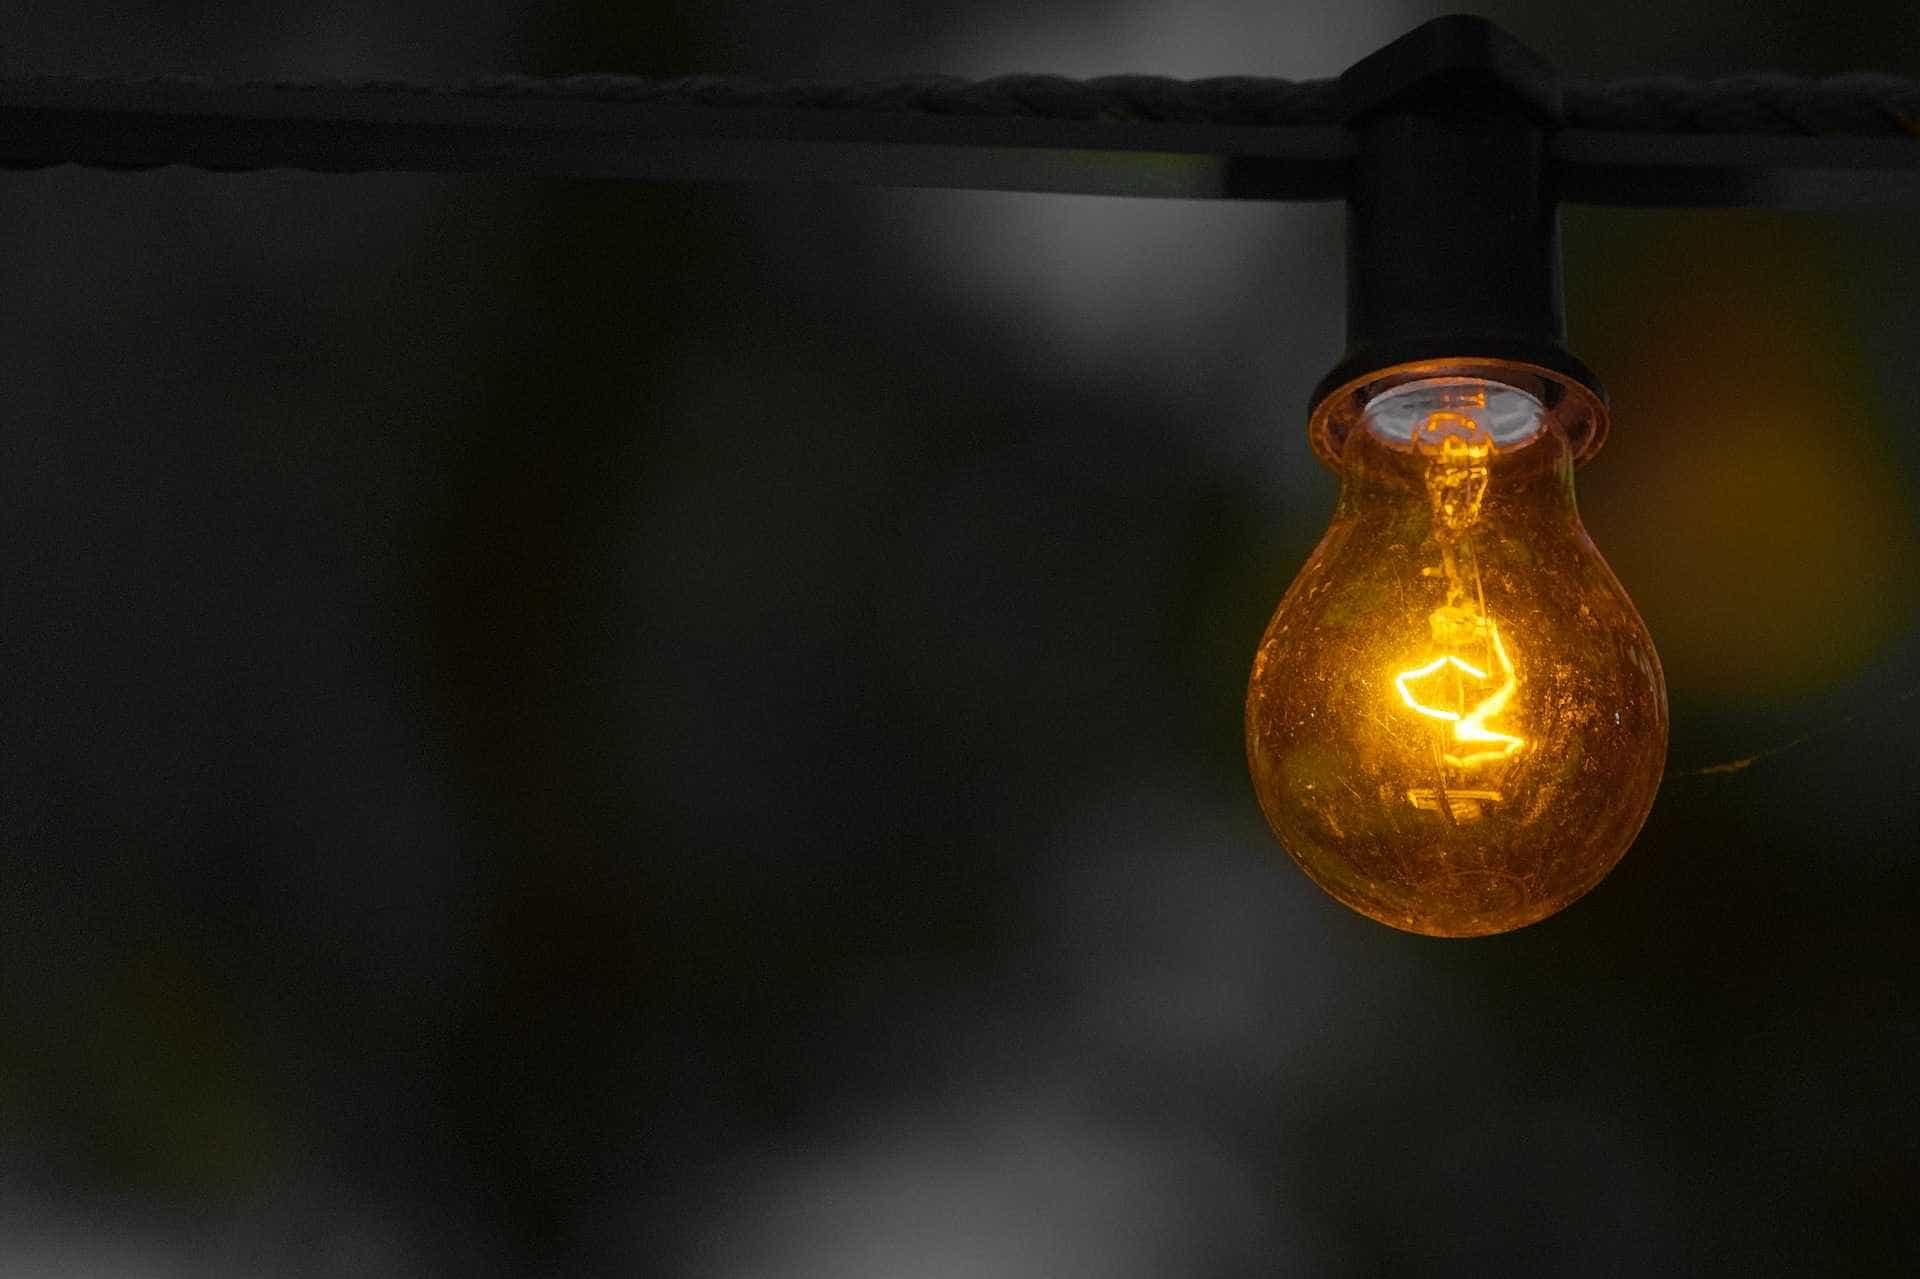 Reforma do setor elétrico poderá reduzir custo da energia para empresas